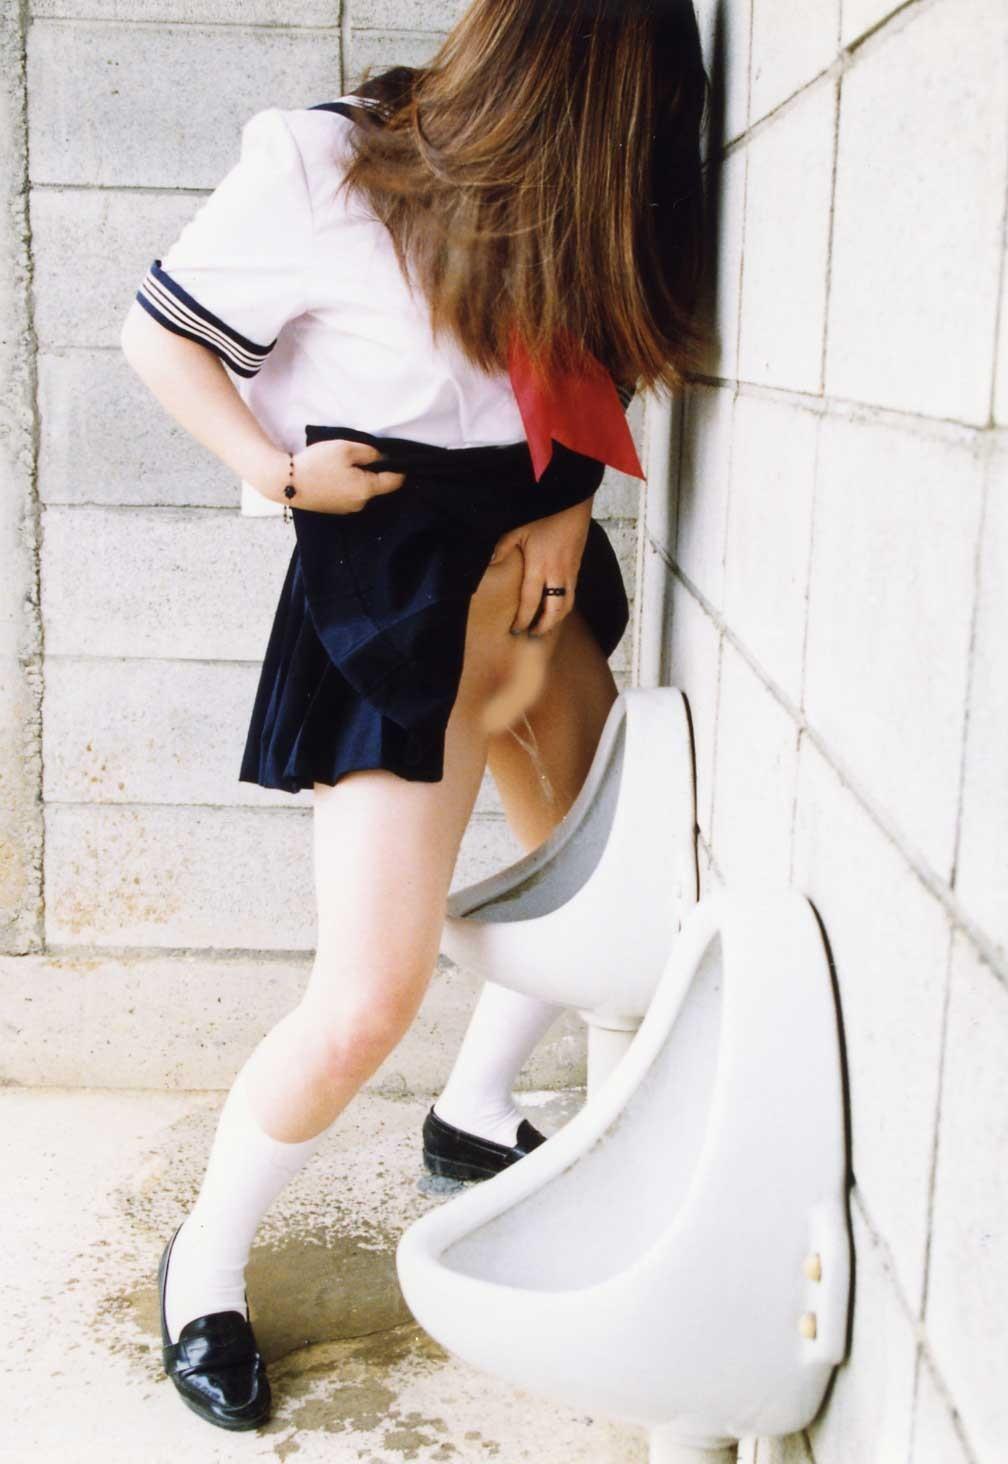 【立ち小便エロ画像】男に憧れた変態娘が男子トイレで暴走する立ち小便エロ画像 その9